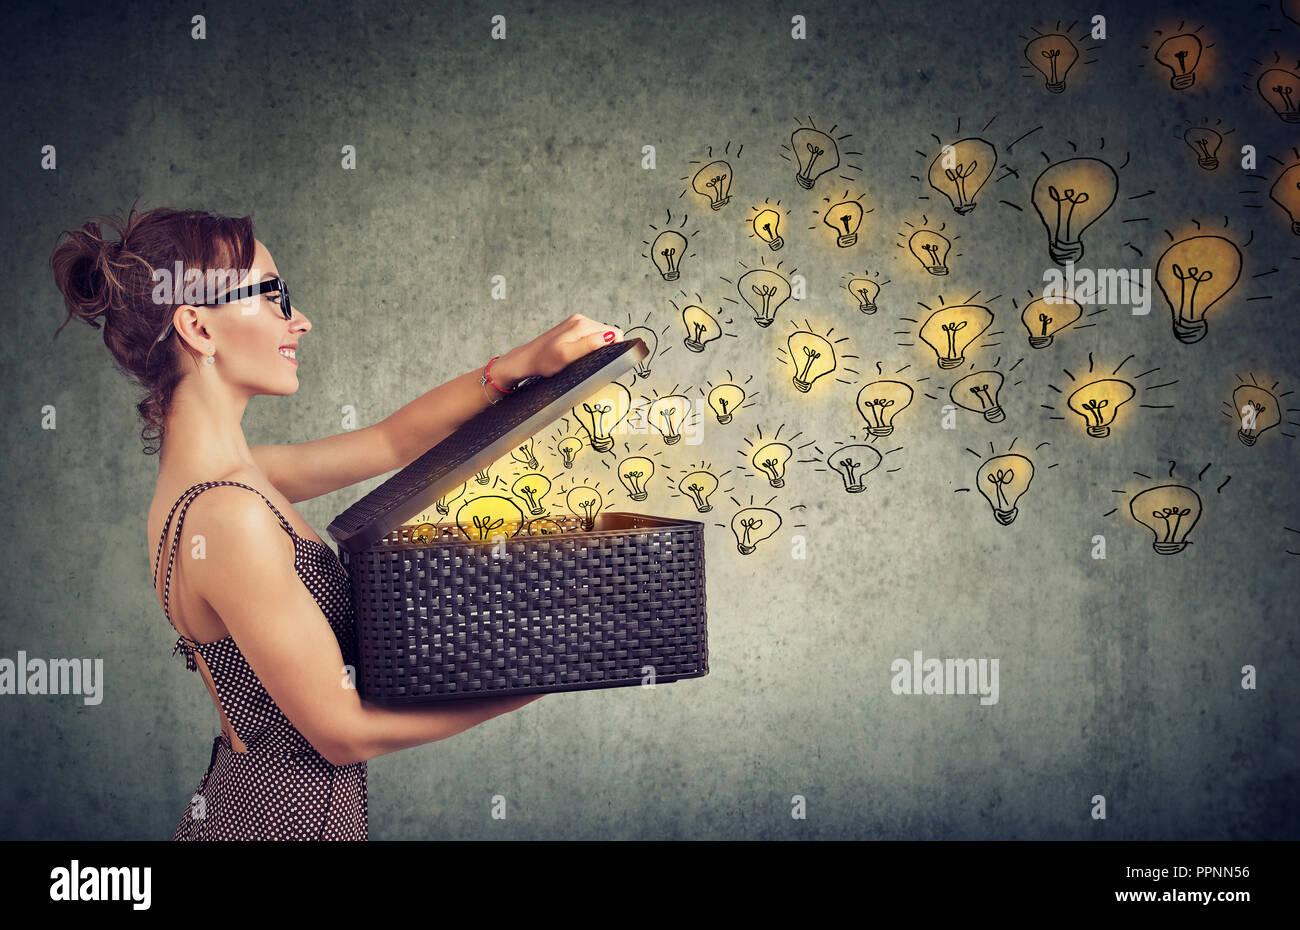 Vista lateral de la joven mujer feliz sosteniendo un cuadro con las ideas brillantes difundir conocimientos Imagen De Stock